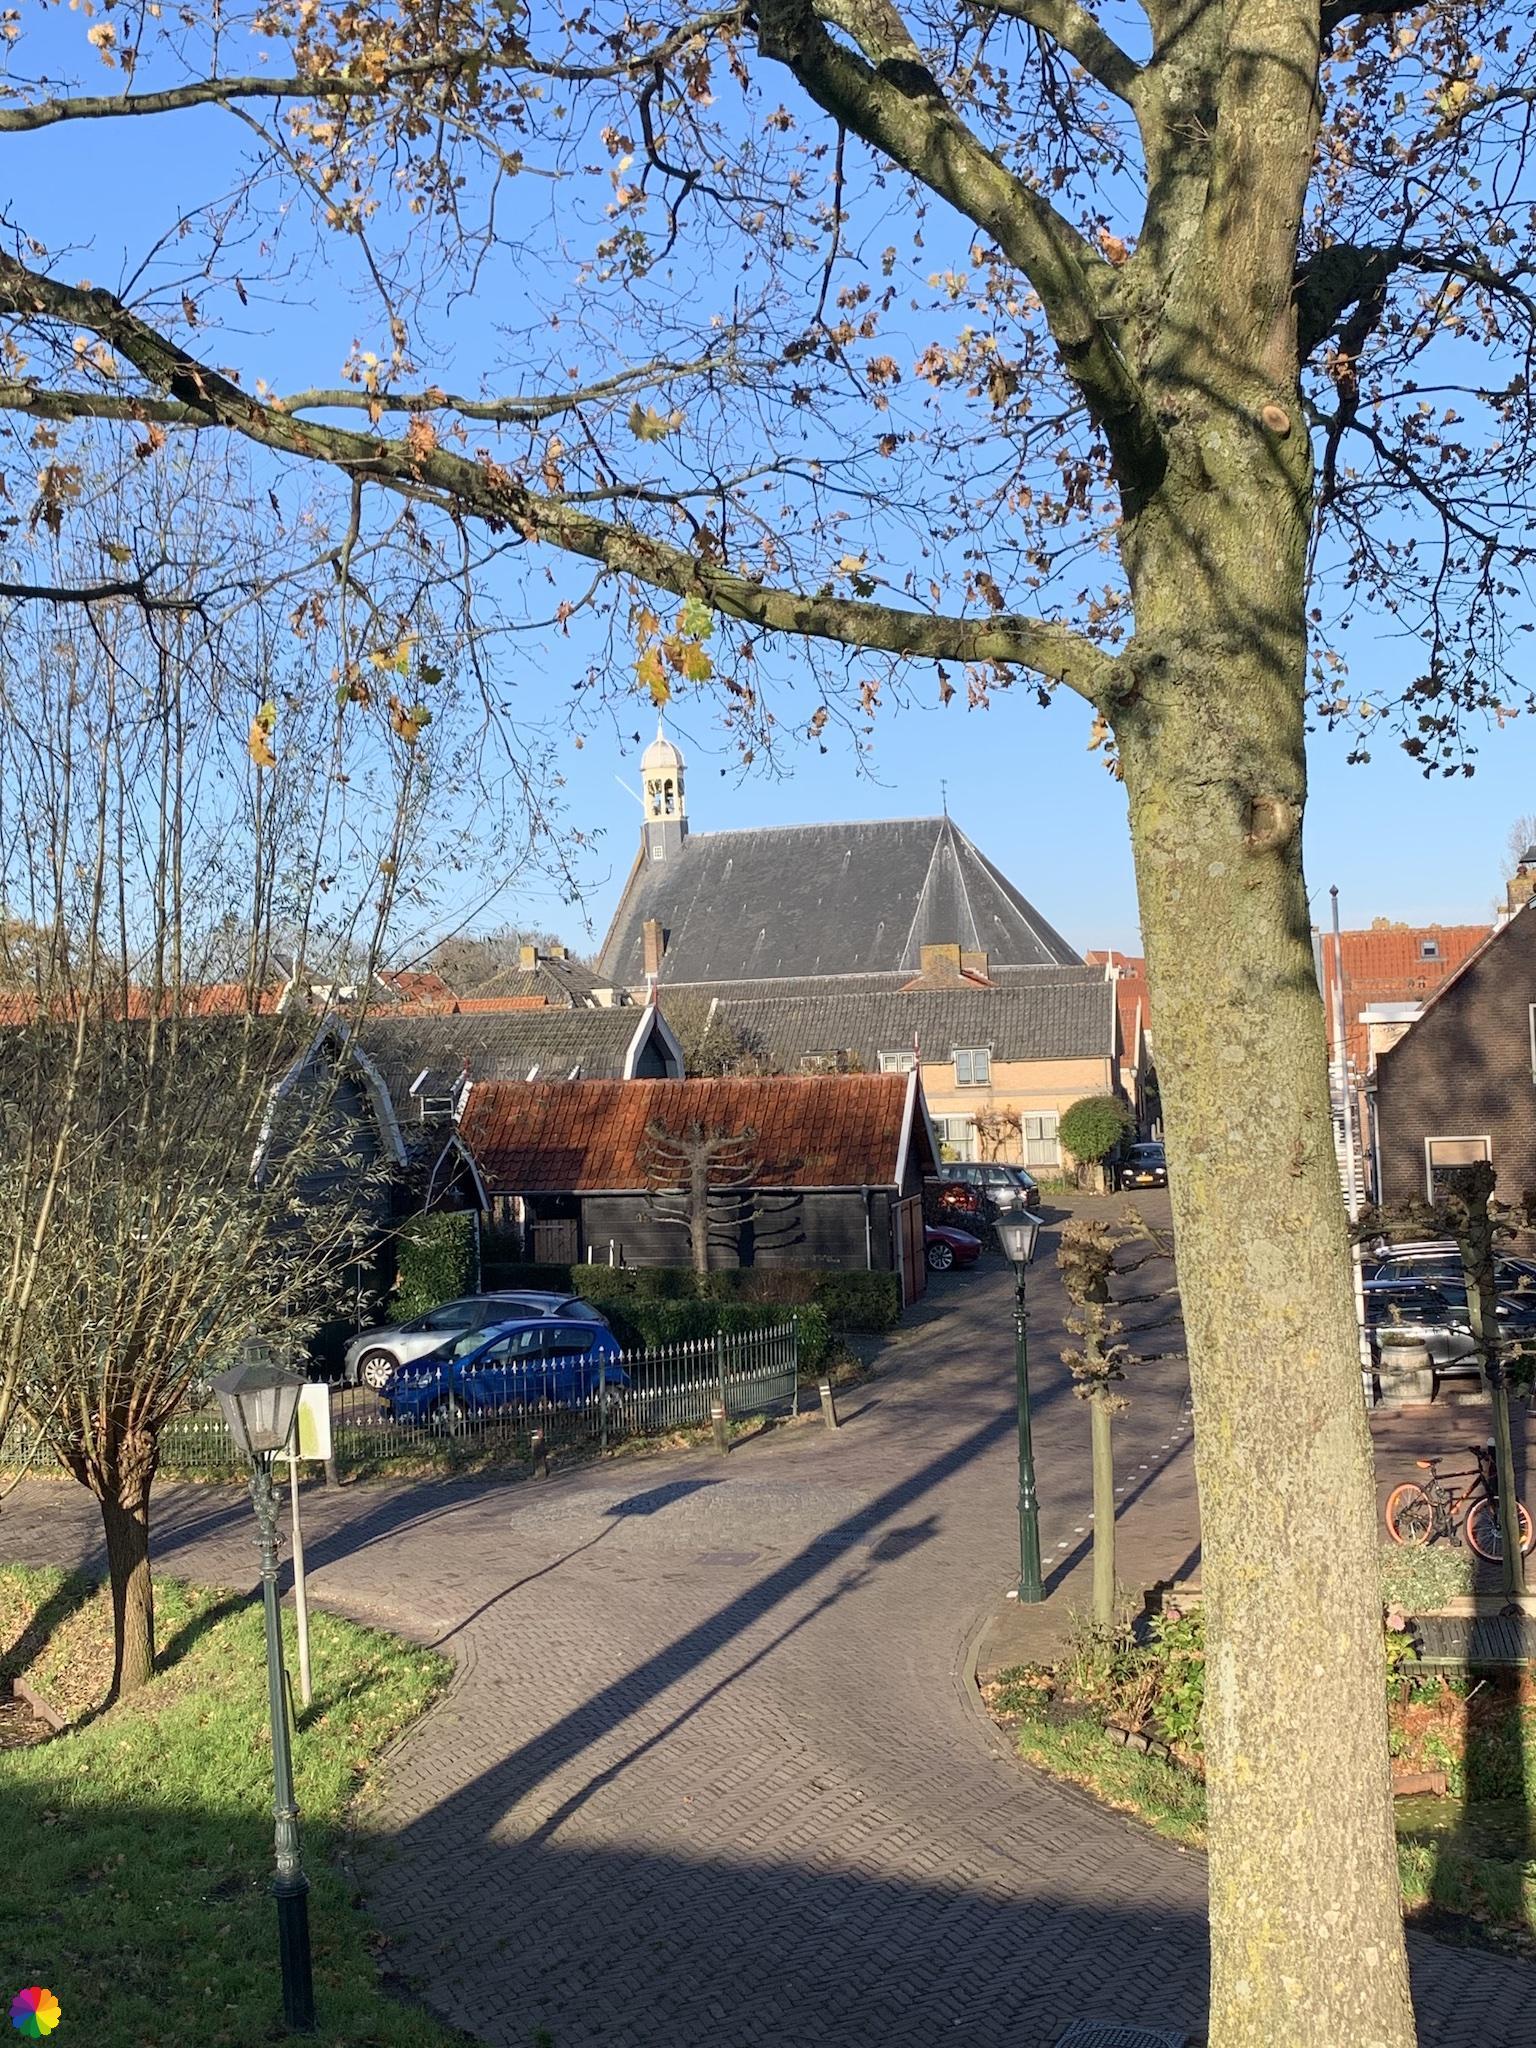 Hervormde kerk in Nieuwpoort